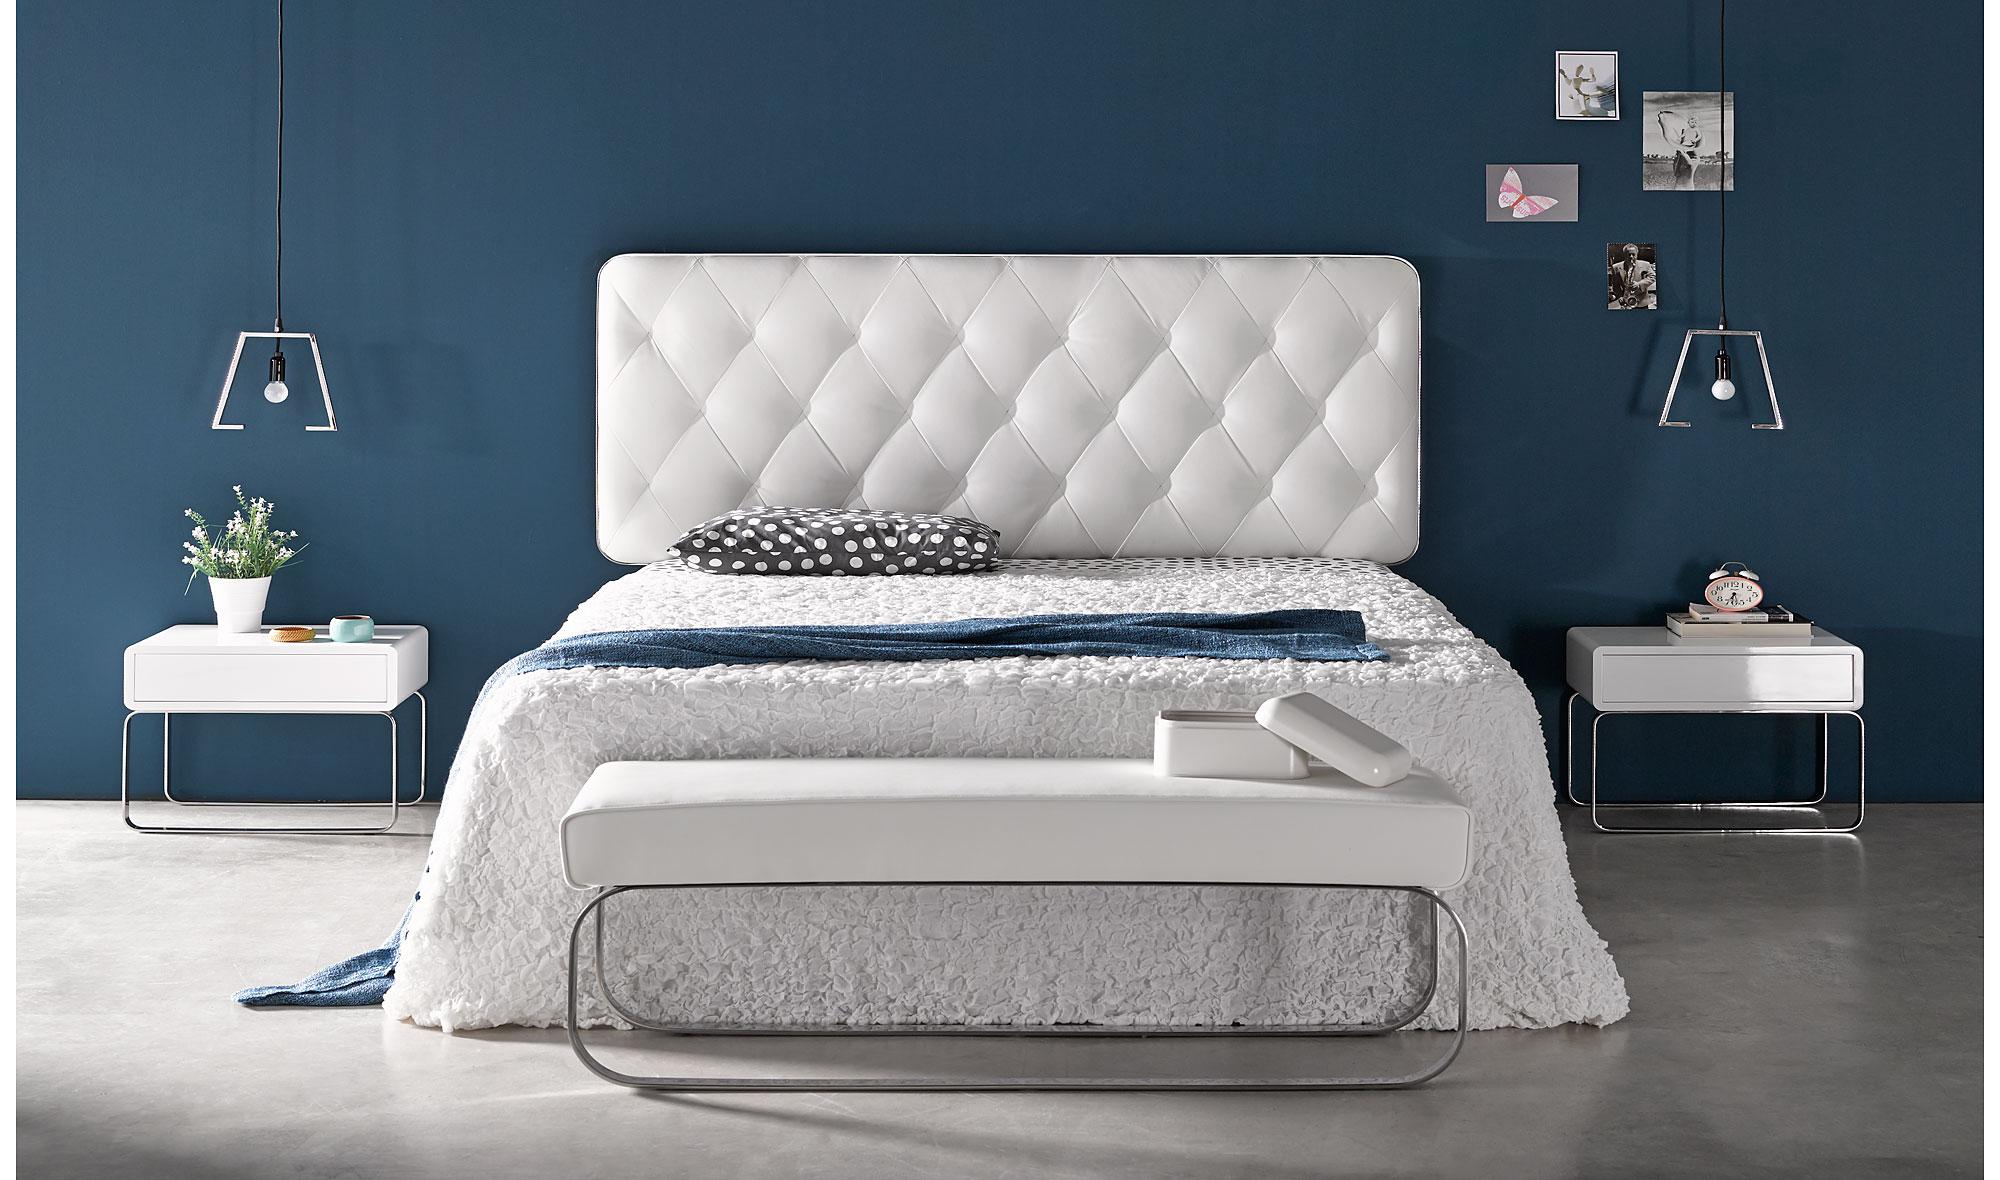 Muebles dormitorio diseno 20170816054020 for Diseno de dormitorios modernos